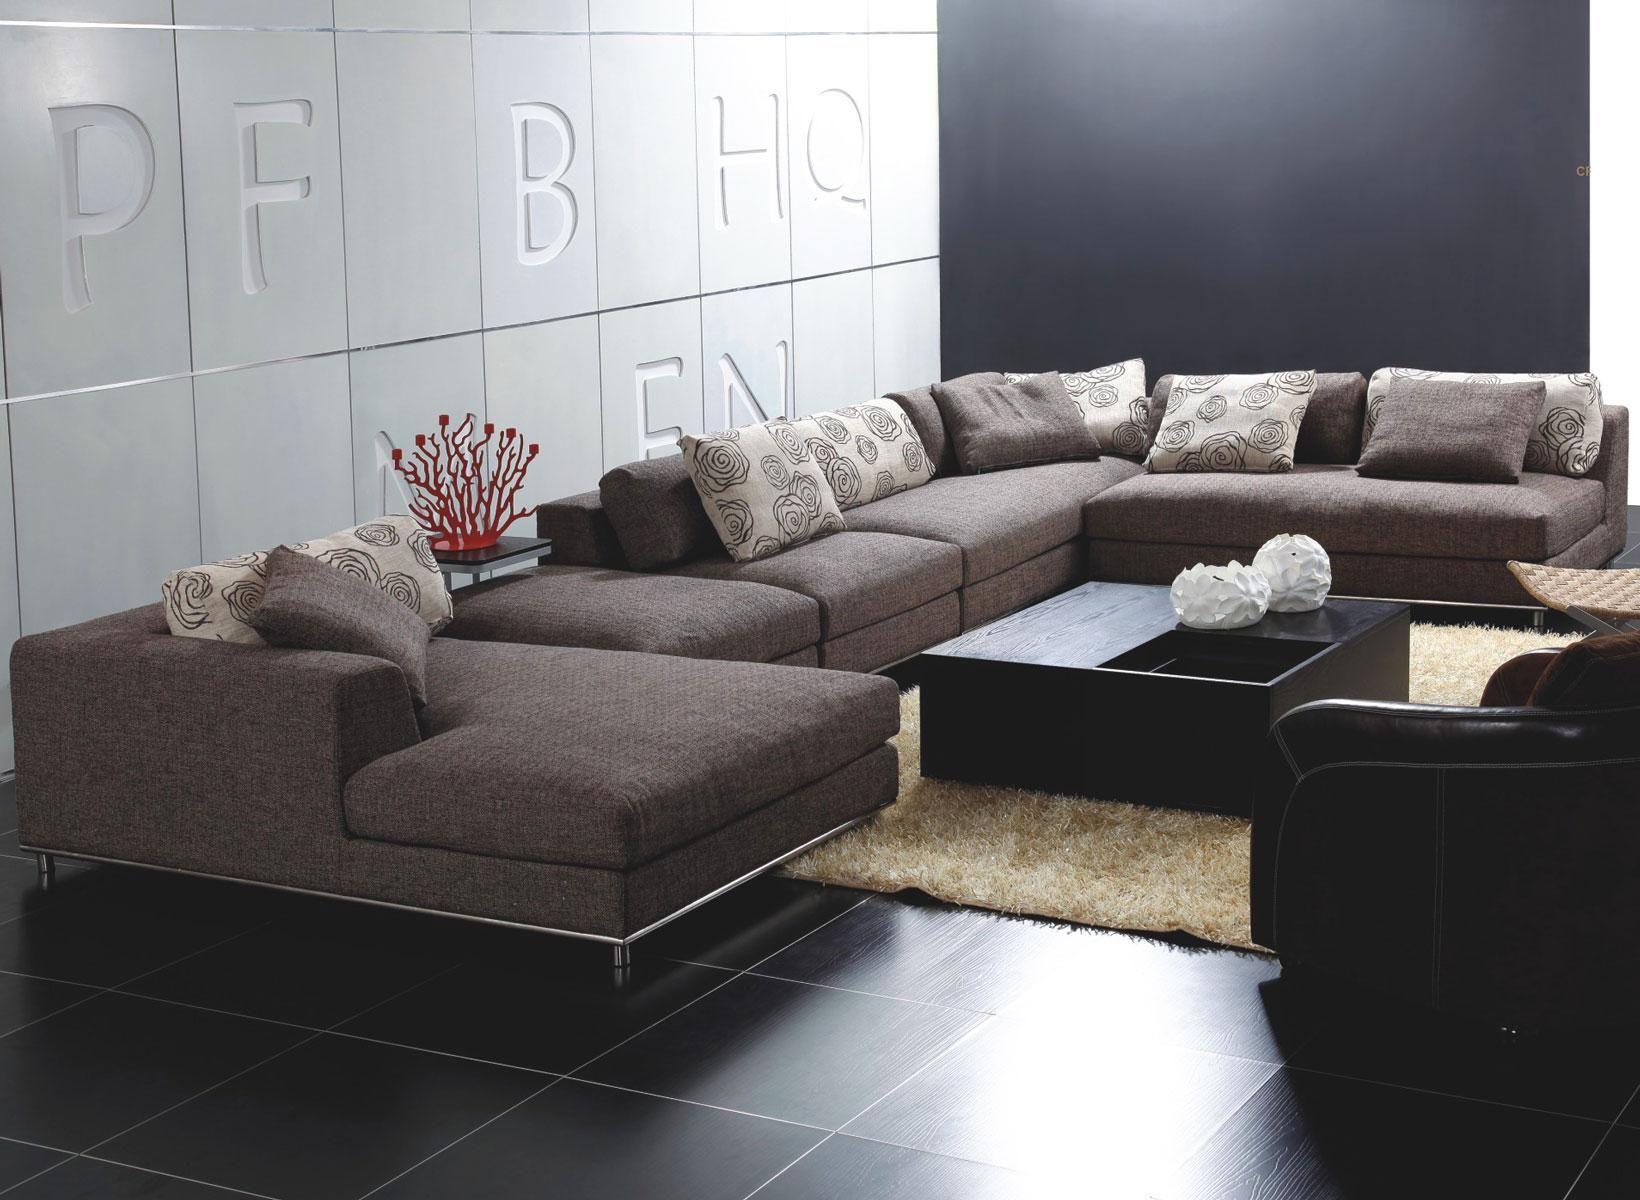 Modern Sofa White Modern Sofa Divan D Model Unique Shaped - Designer sofas for living room